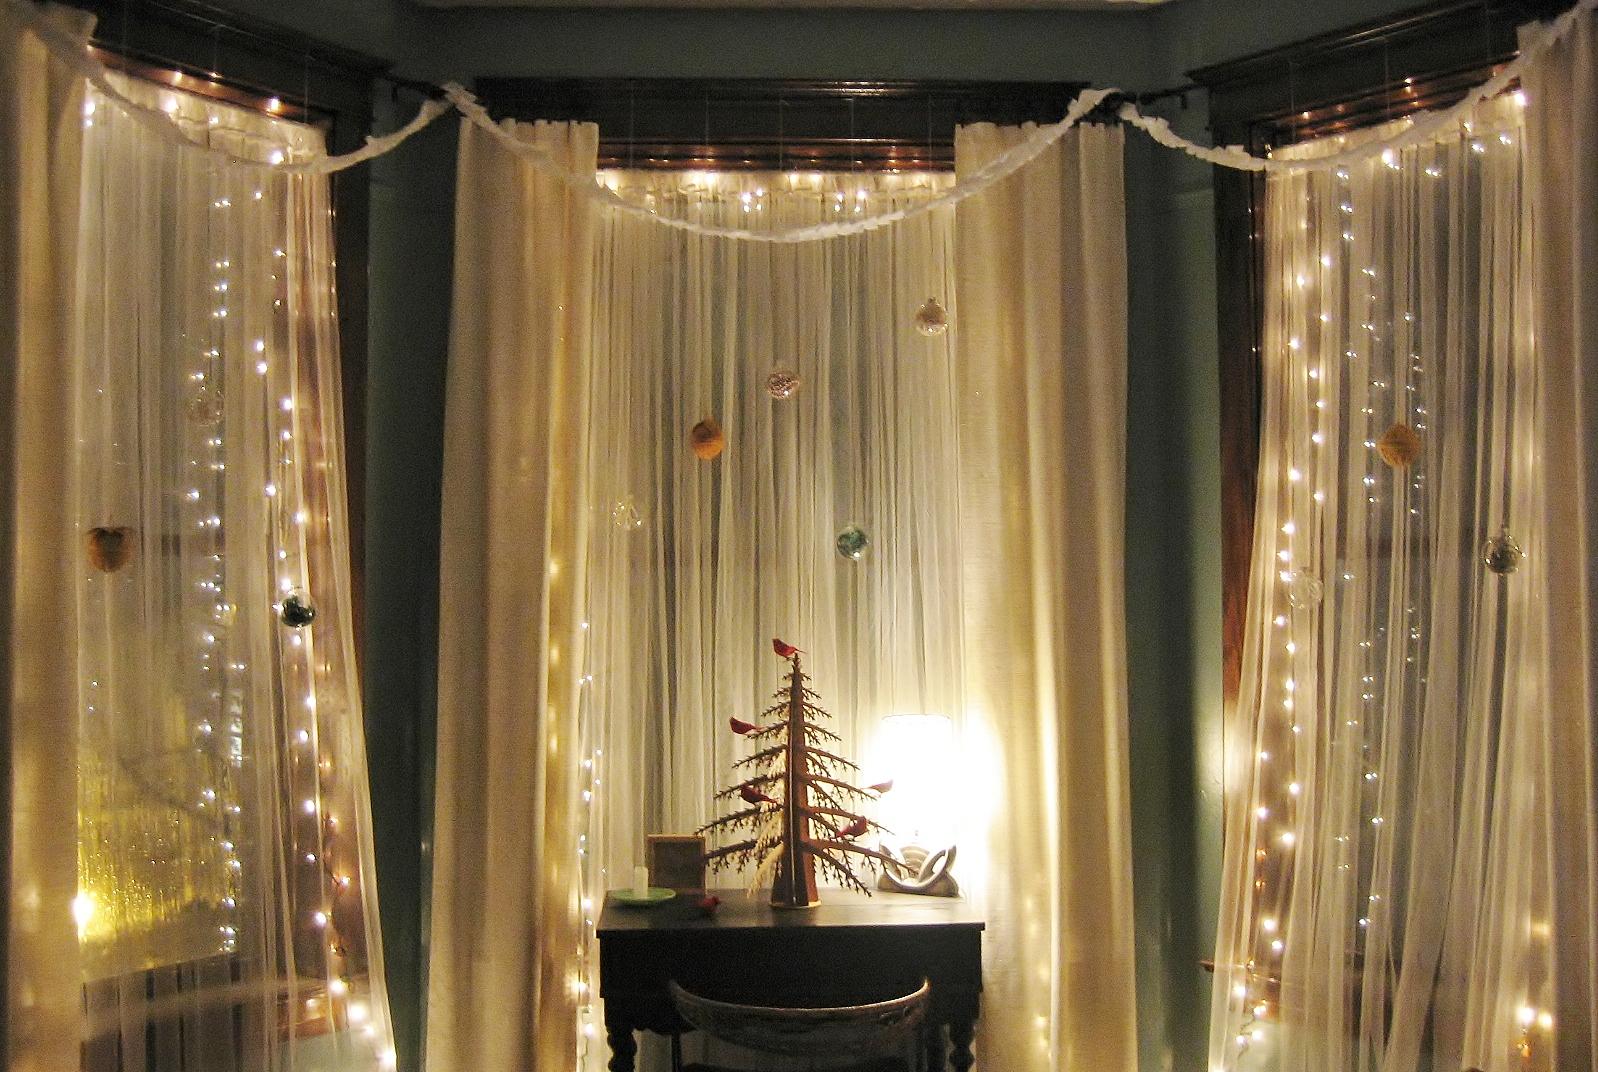 بالصور تزيين البيت , افكار لديكور المنزل وزينة المناسبات والاحتفالات العائلية السعيدة 6006 2